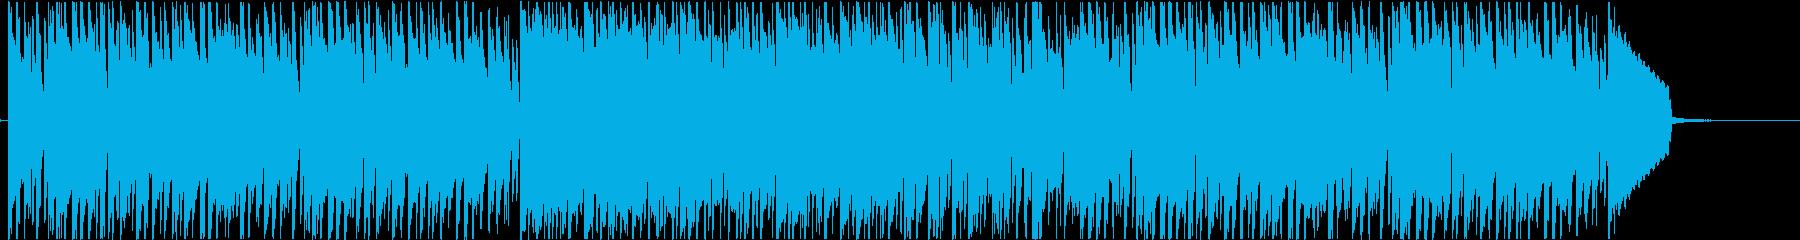 ビブラフォンが主旋律の軽快なインストの再生済みの波形